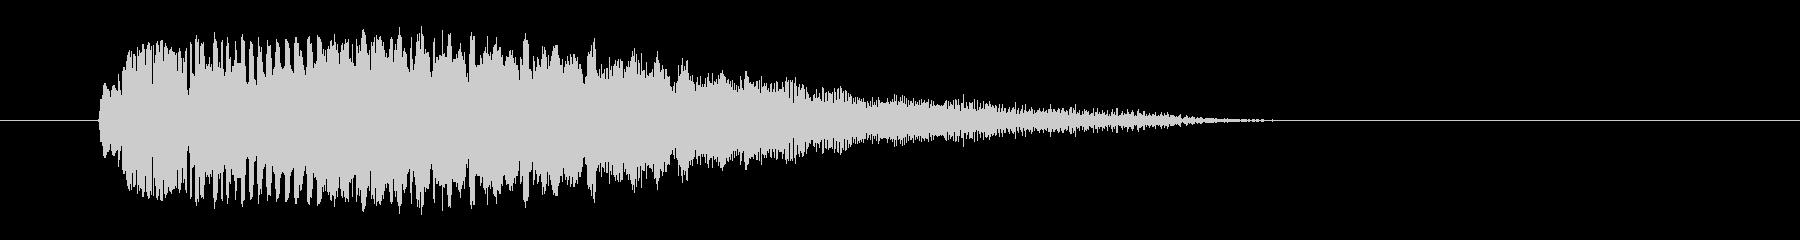 ピユーン↓(素早く通過するUFO飛行音)の未再生の波形